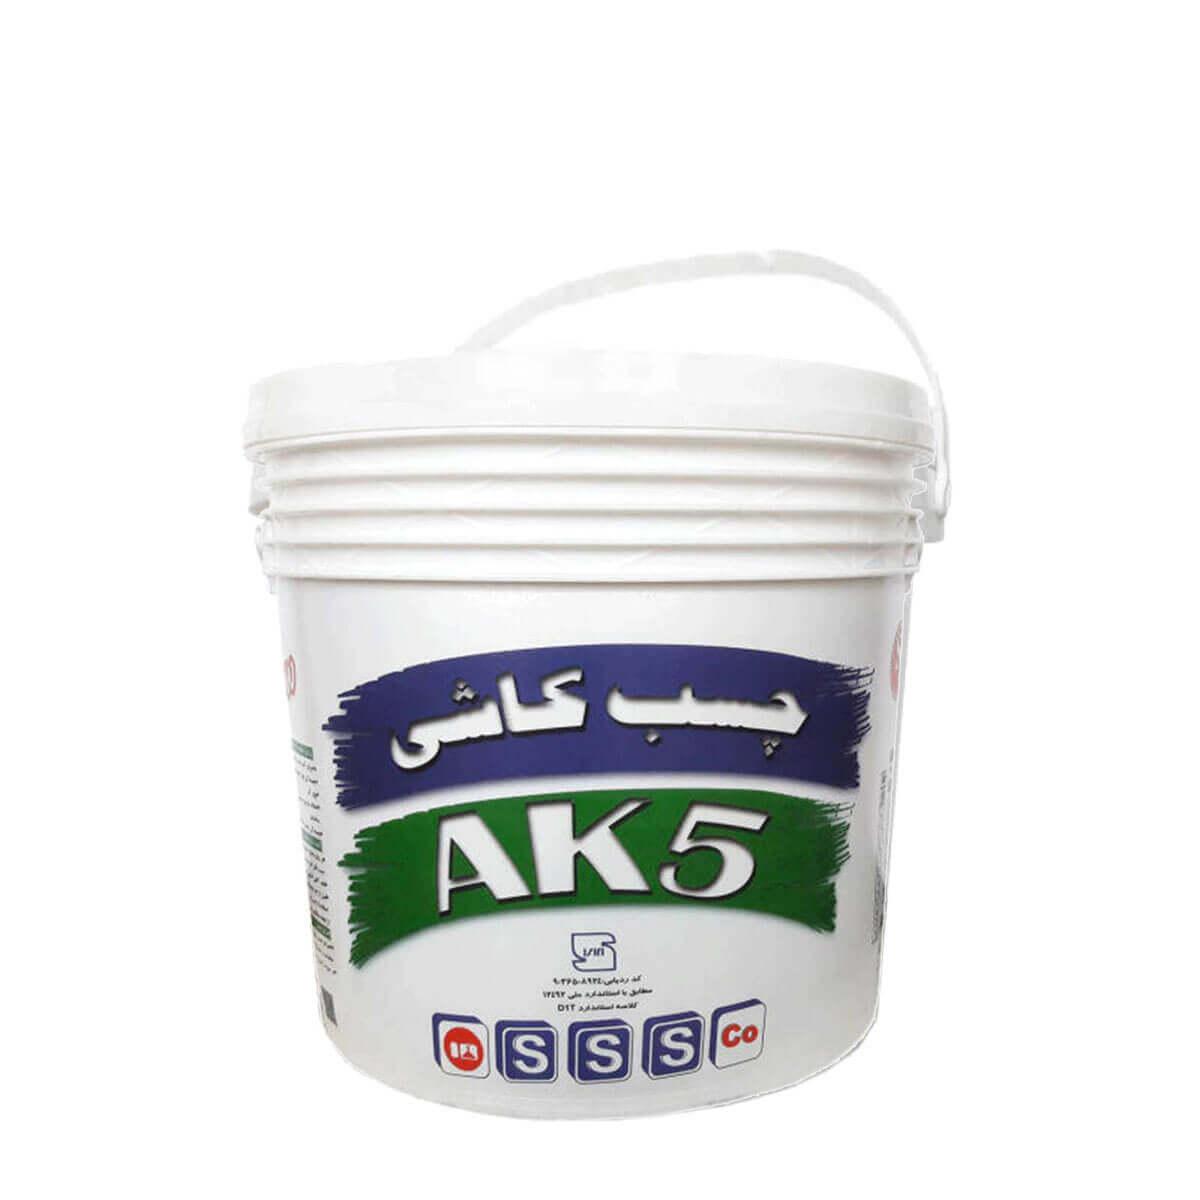 چسب کاشی شیمی ساختمان AK5 خمیری